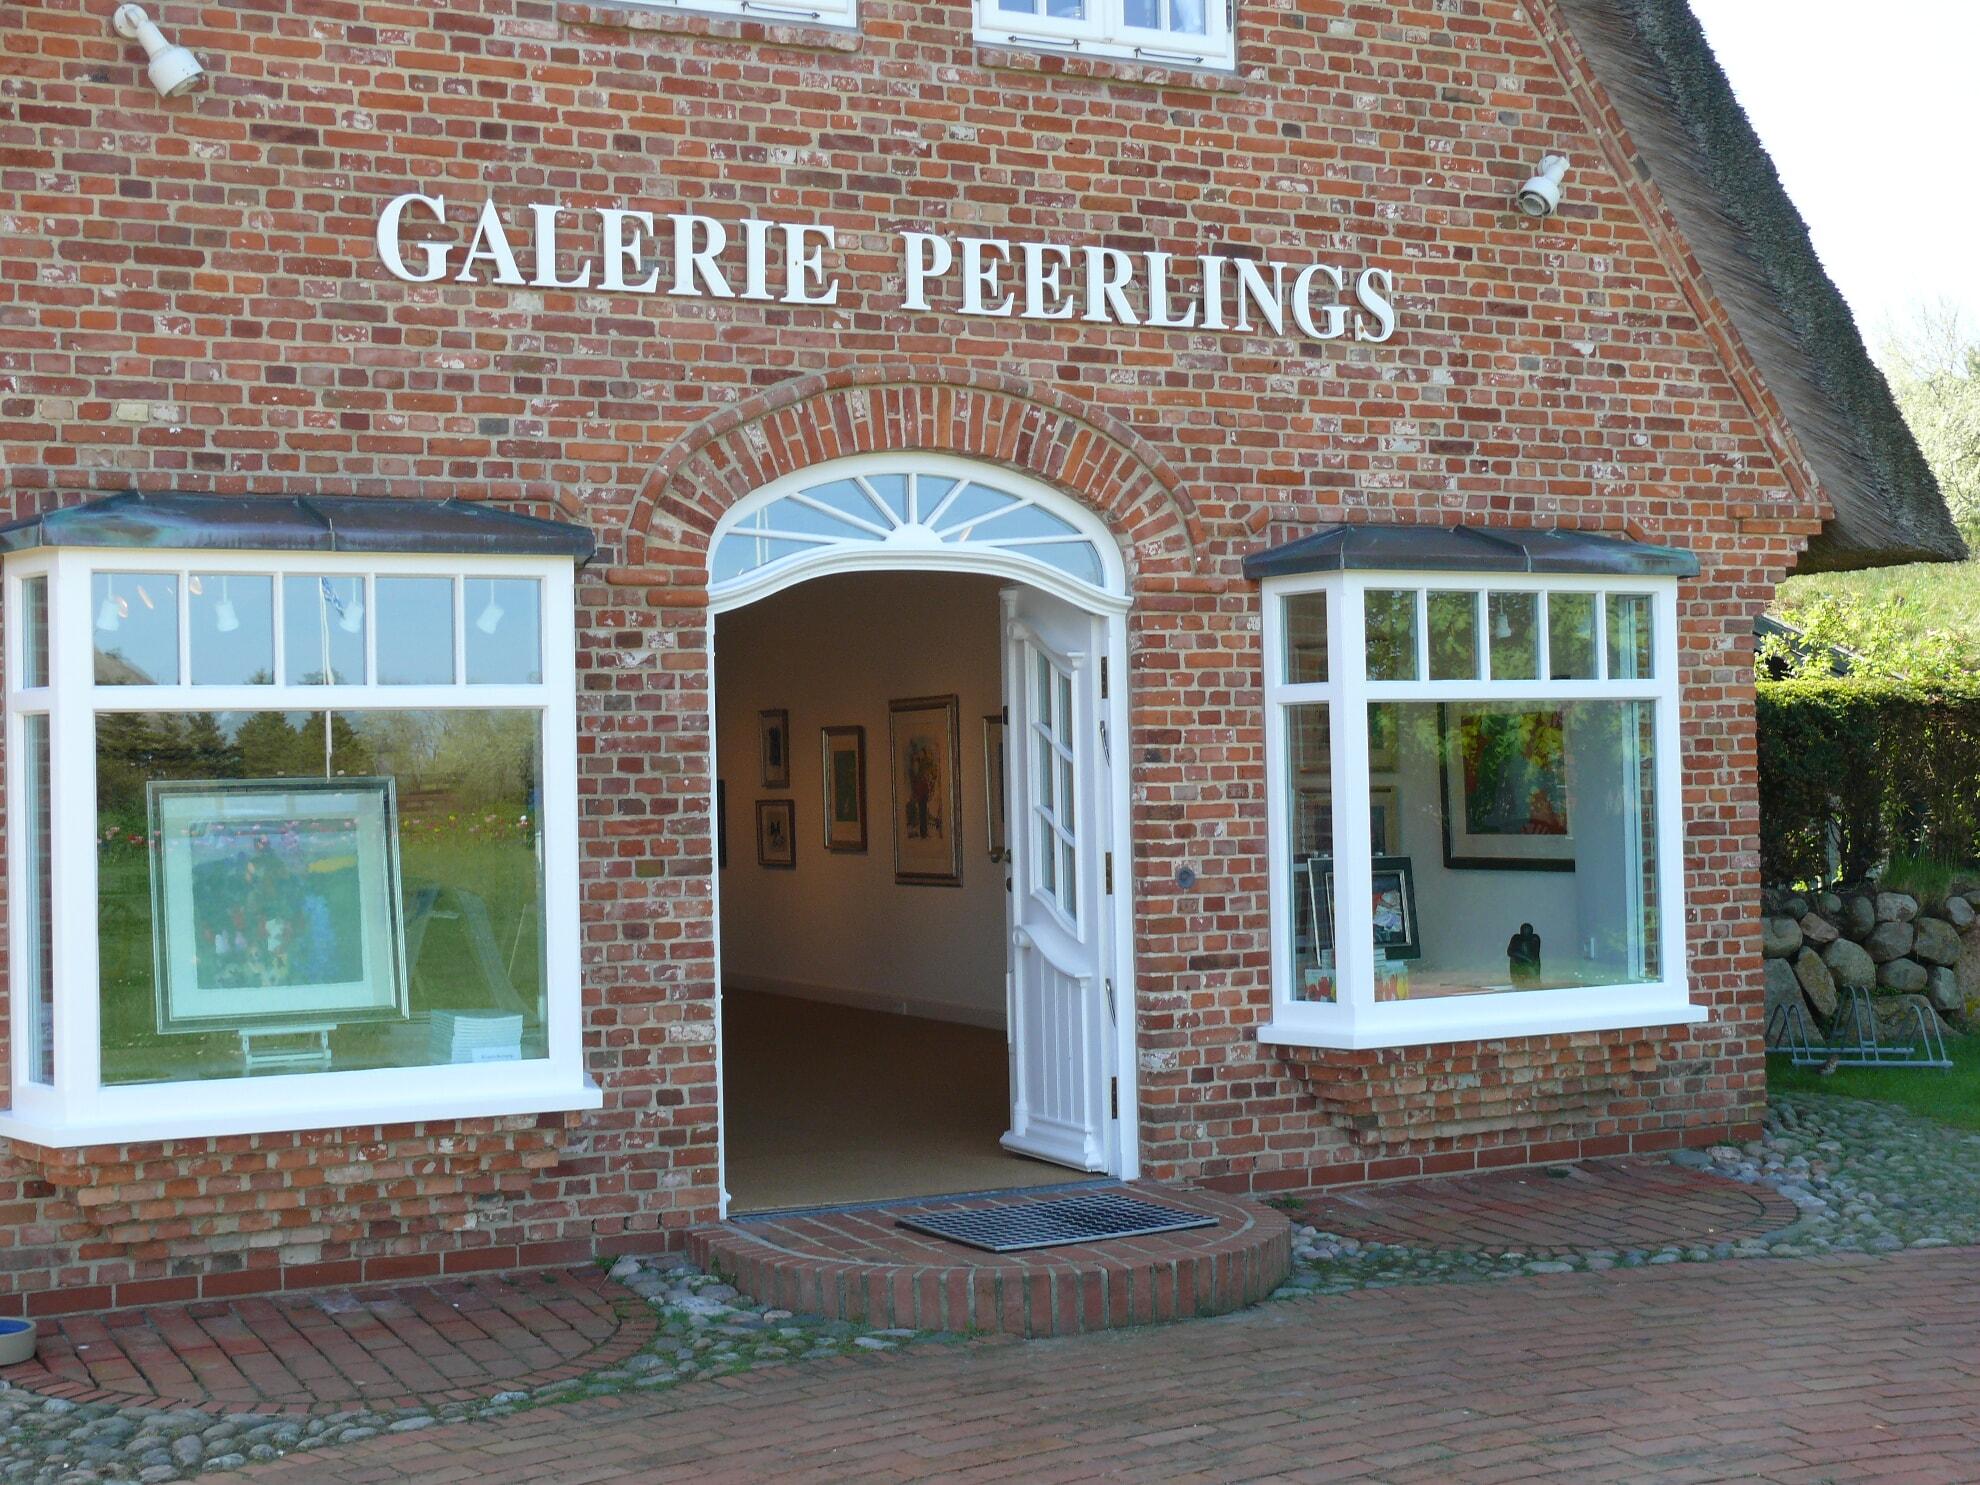 Galerie Peerlings